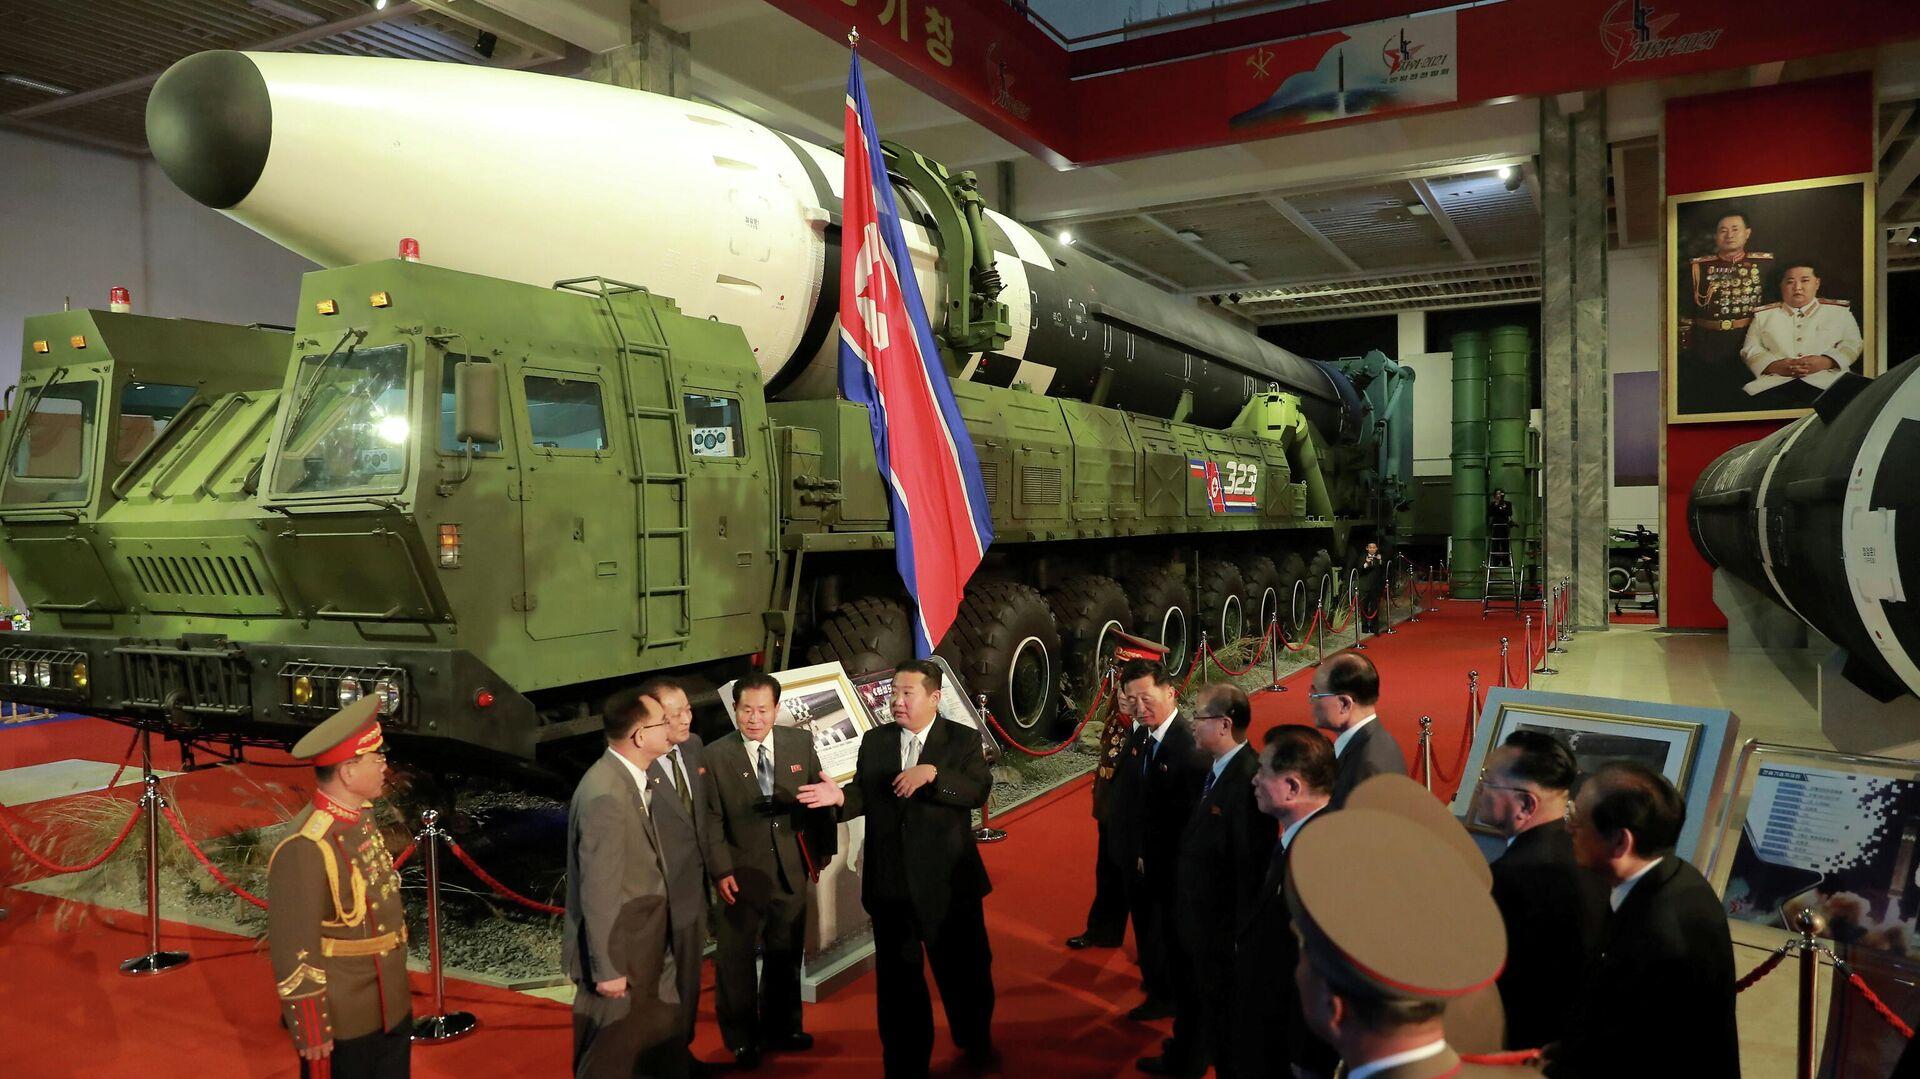 Лидер КНДР Ким Чен Ын на оборонной выставке в Пхеньяне - РИА Новости, 1920, 13.10.2021